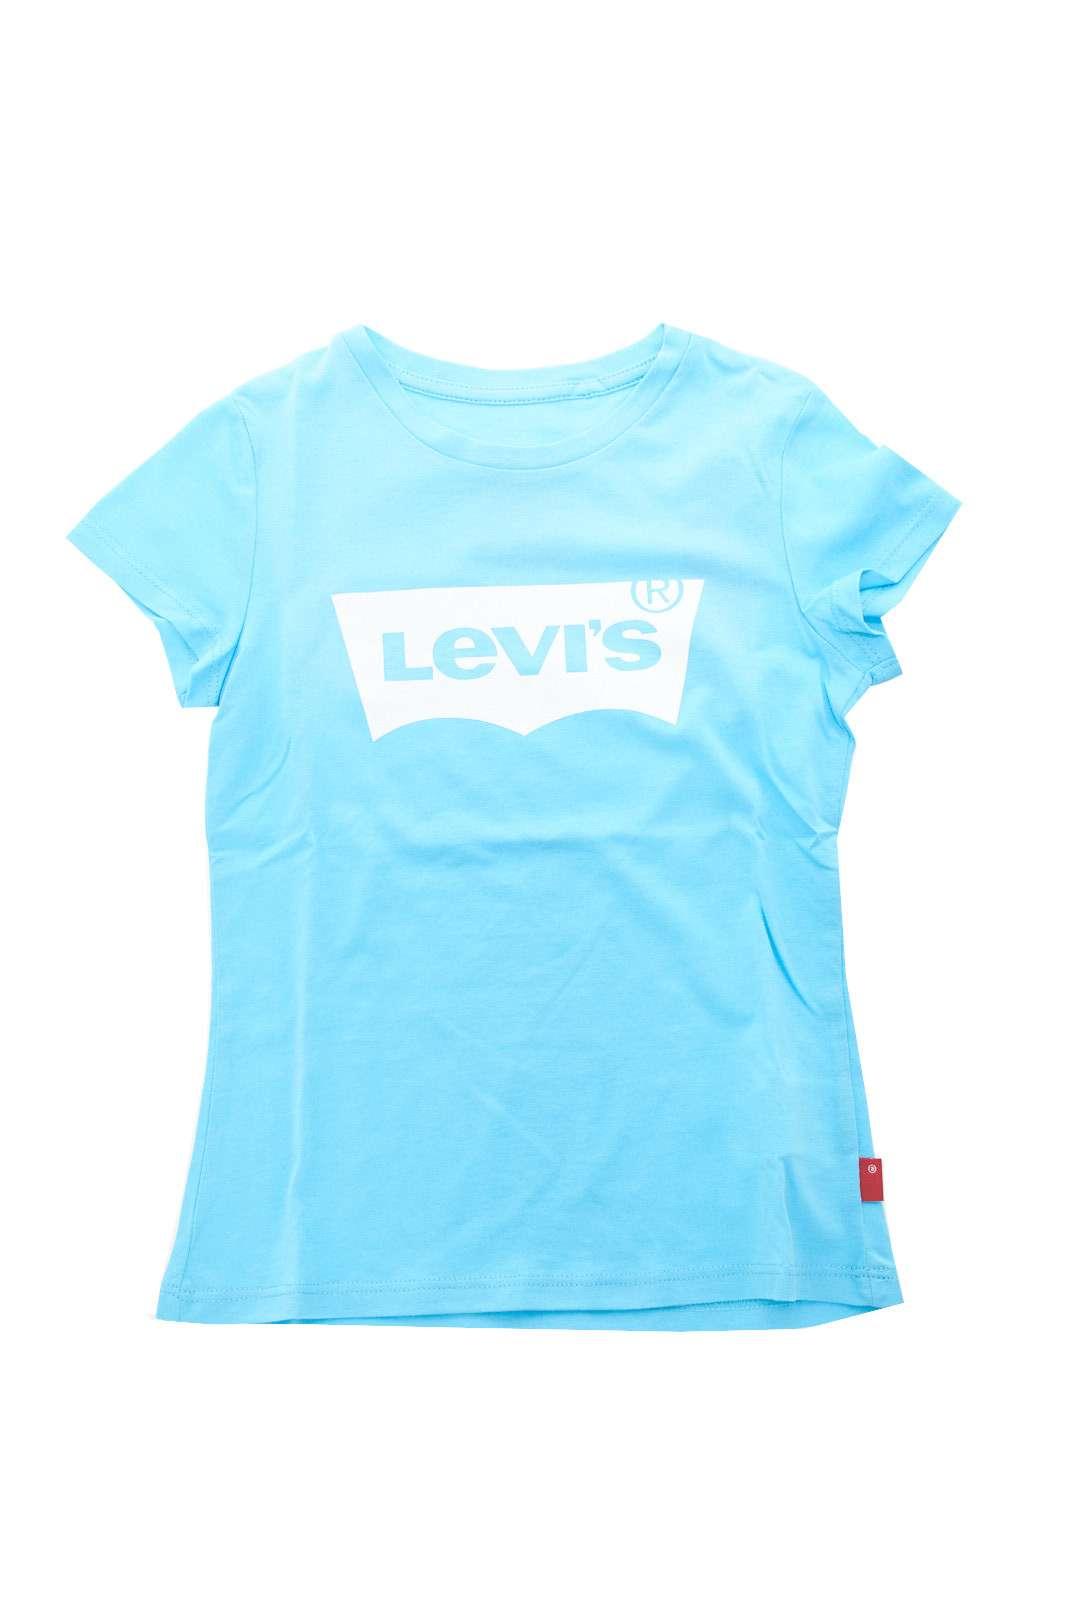 L'intramontabile t shirt firmata Levi's, presentata nella versione per i più piccoli. Per outfit senza tempo anche per i bambini.